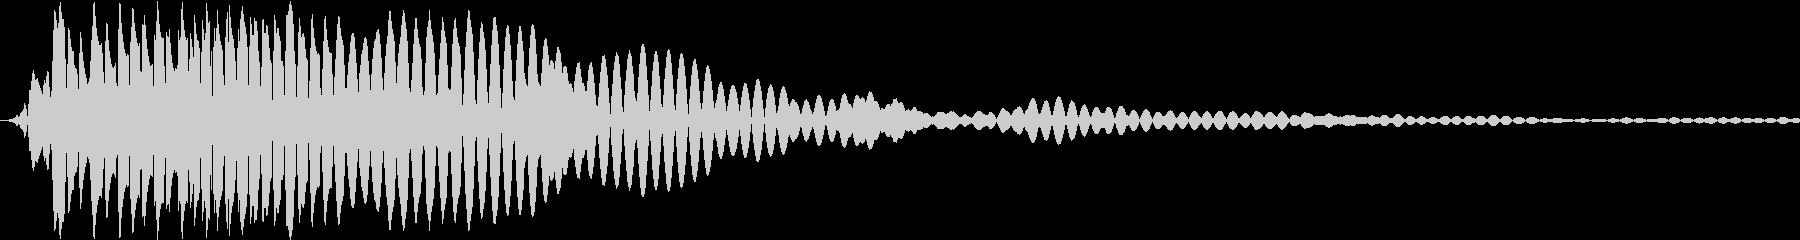 テロップ用効果音・ポンの未再生の波形